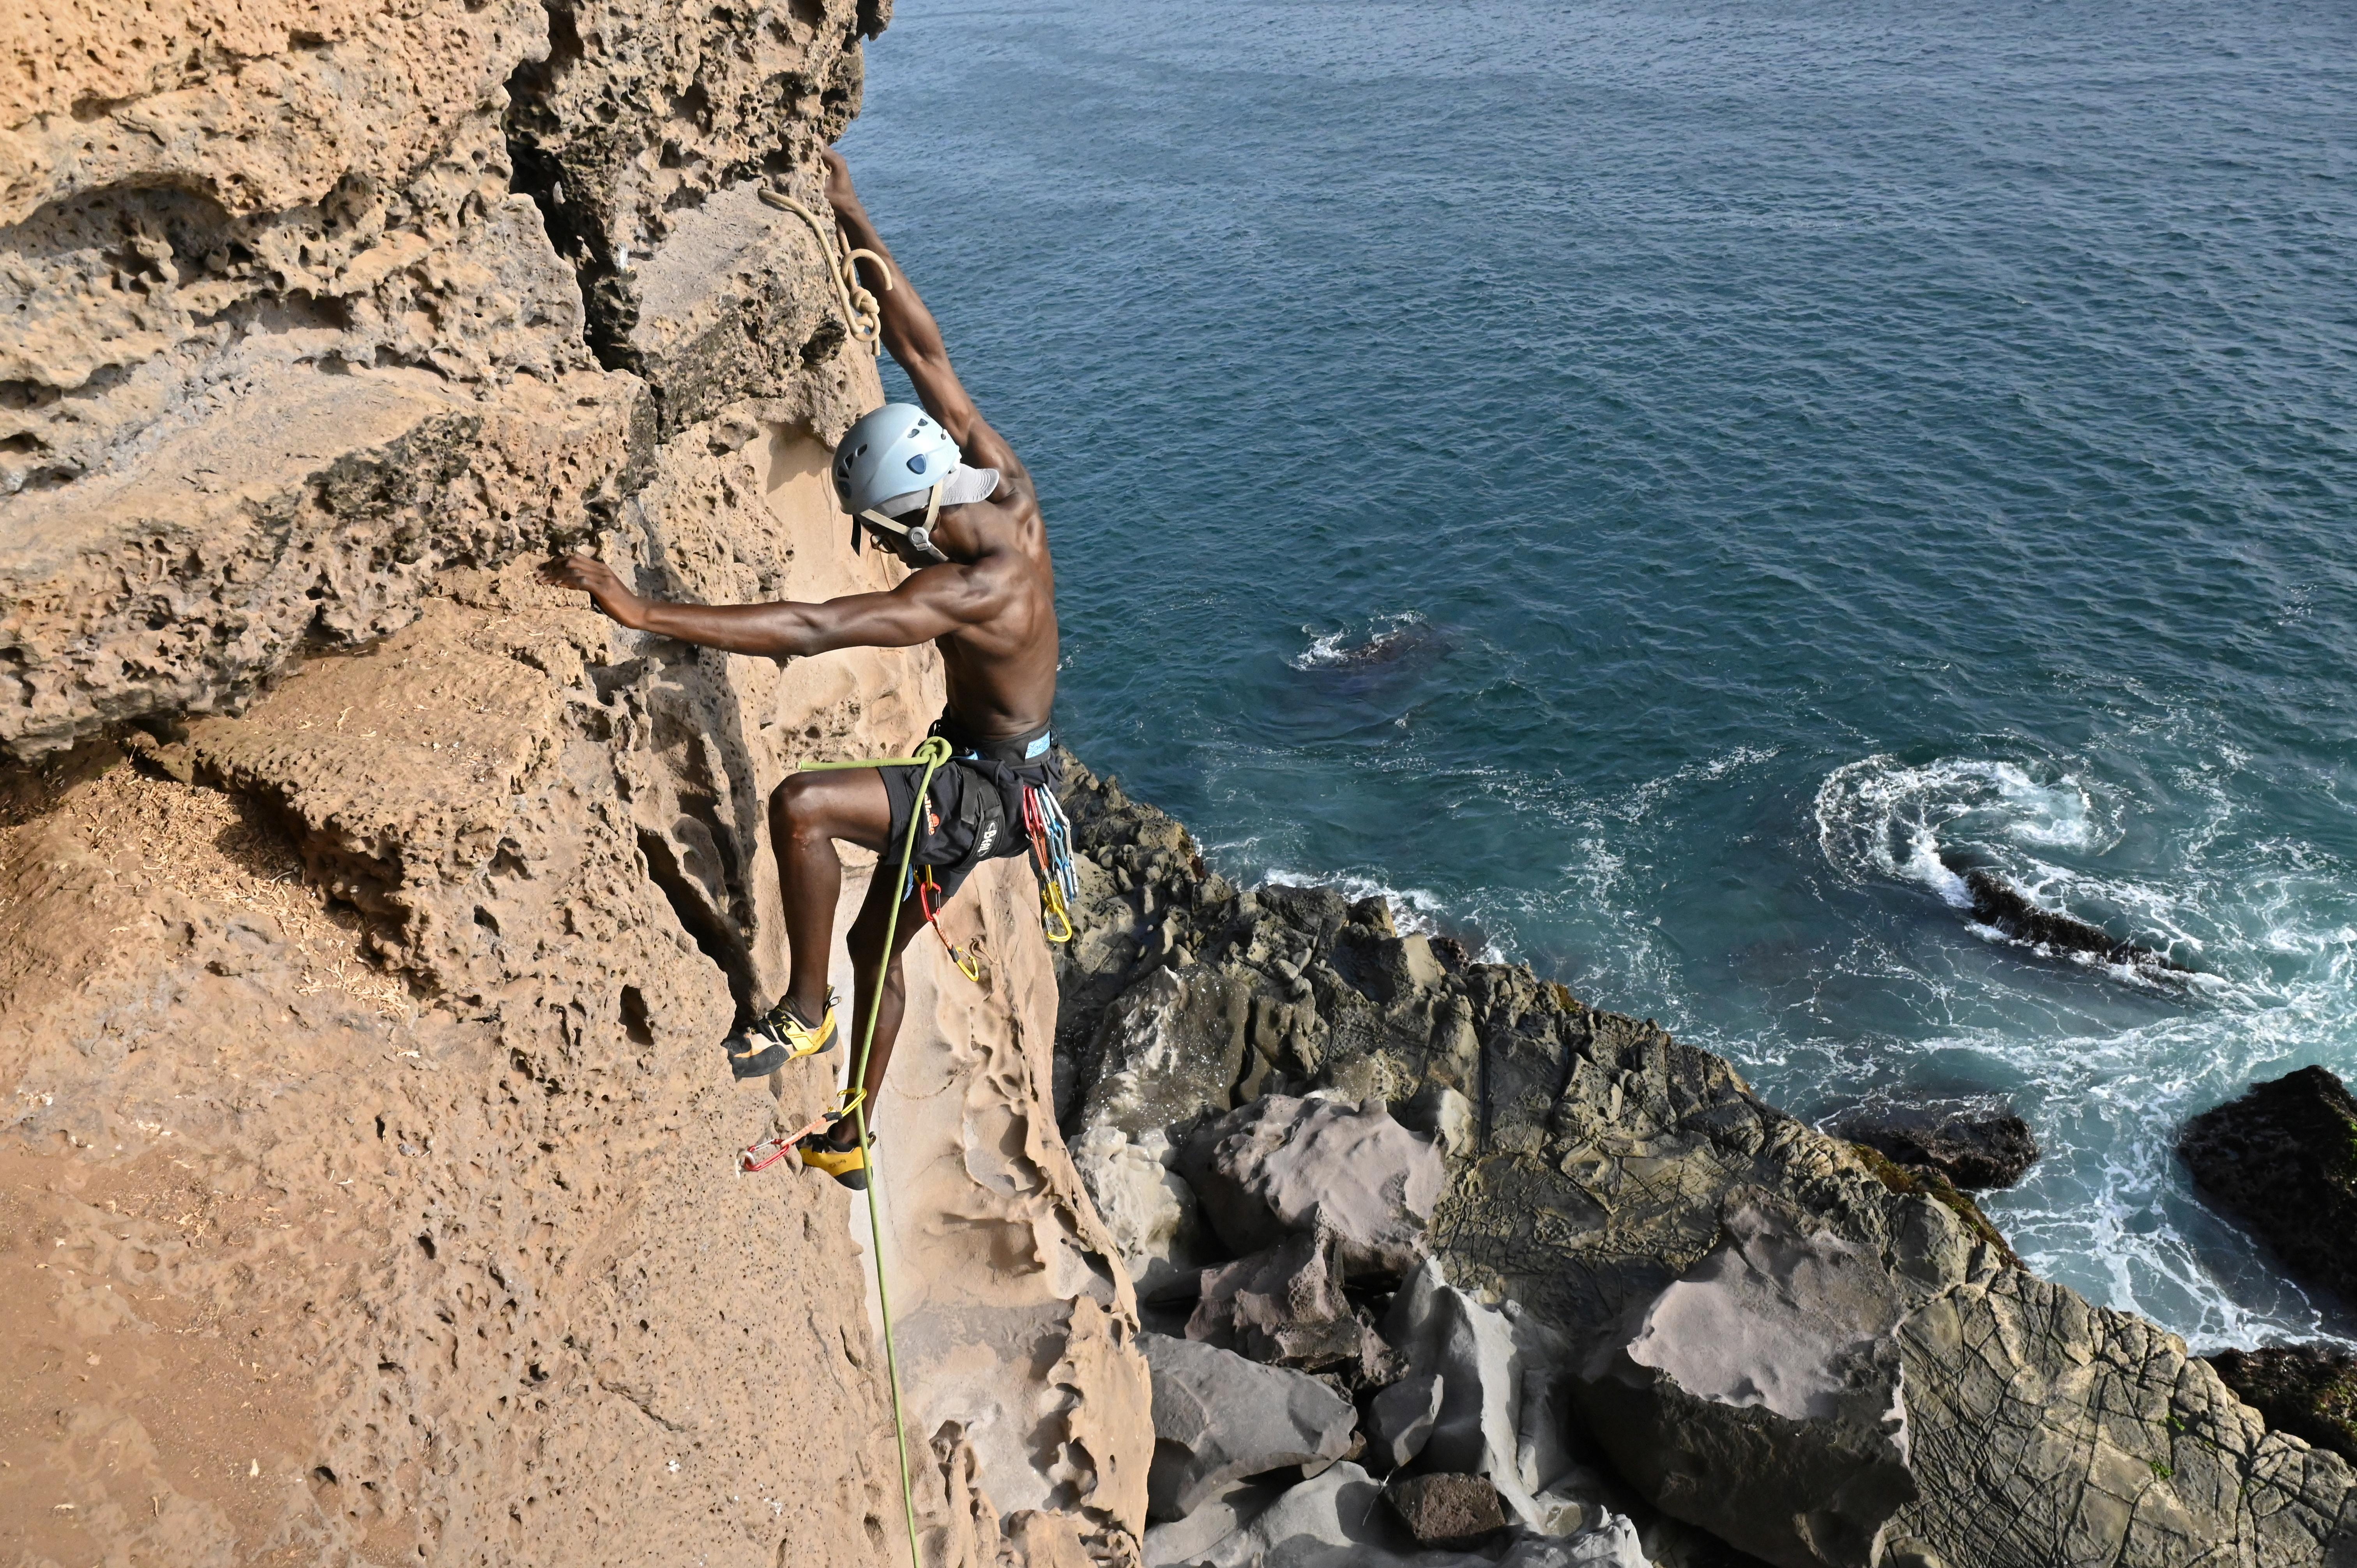 Senegalese rock climber Abasse Wane climbs a rock wall at the Mamelles cliffs in Dakar, Senegal, June 27, 2021.  REUTERS/Cooper Inveen